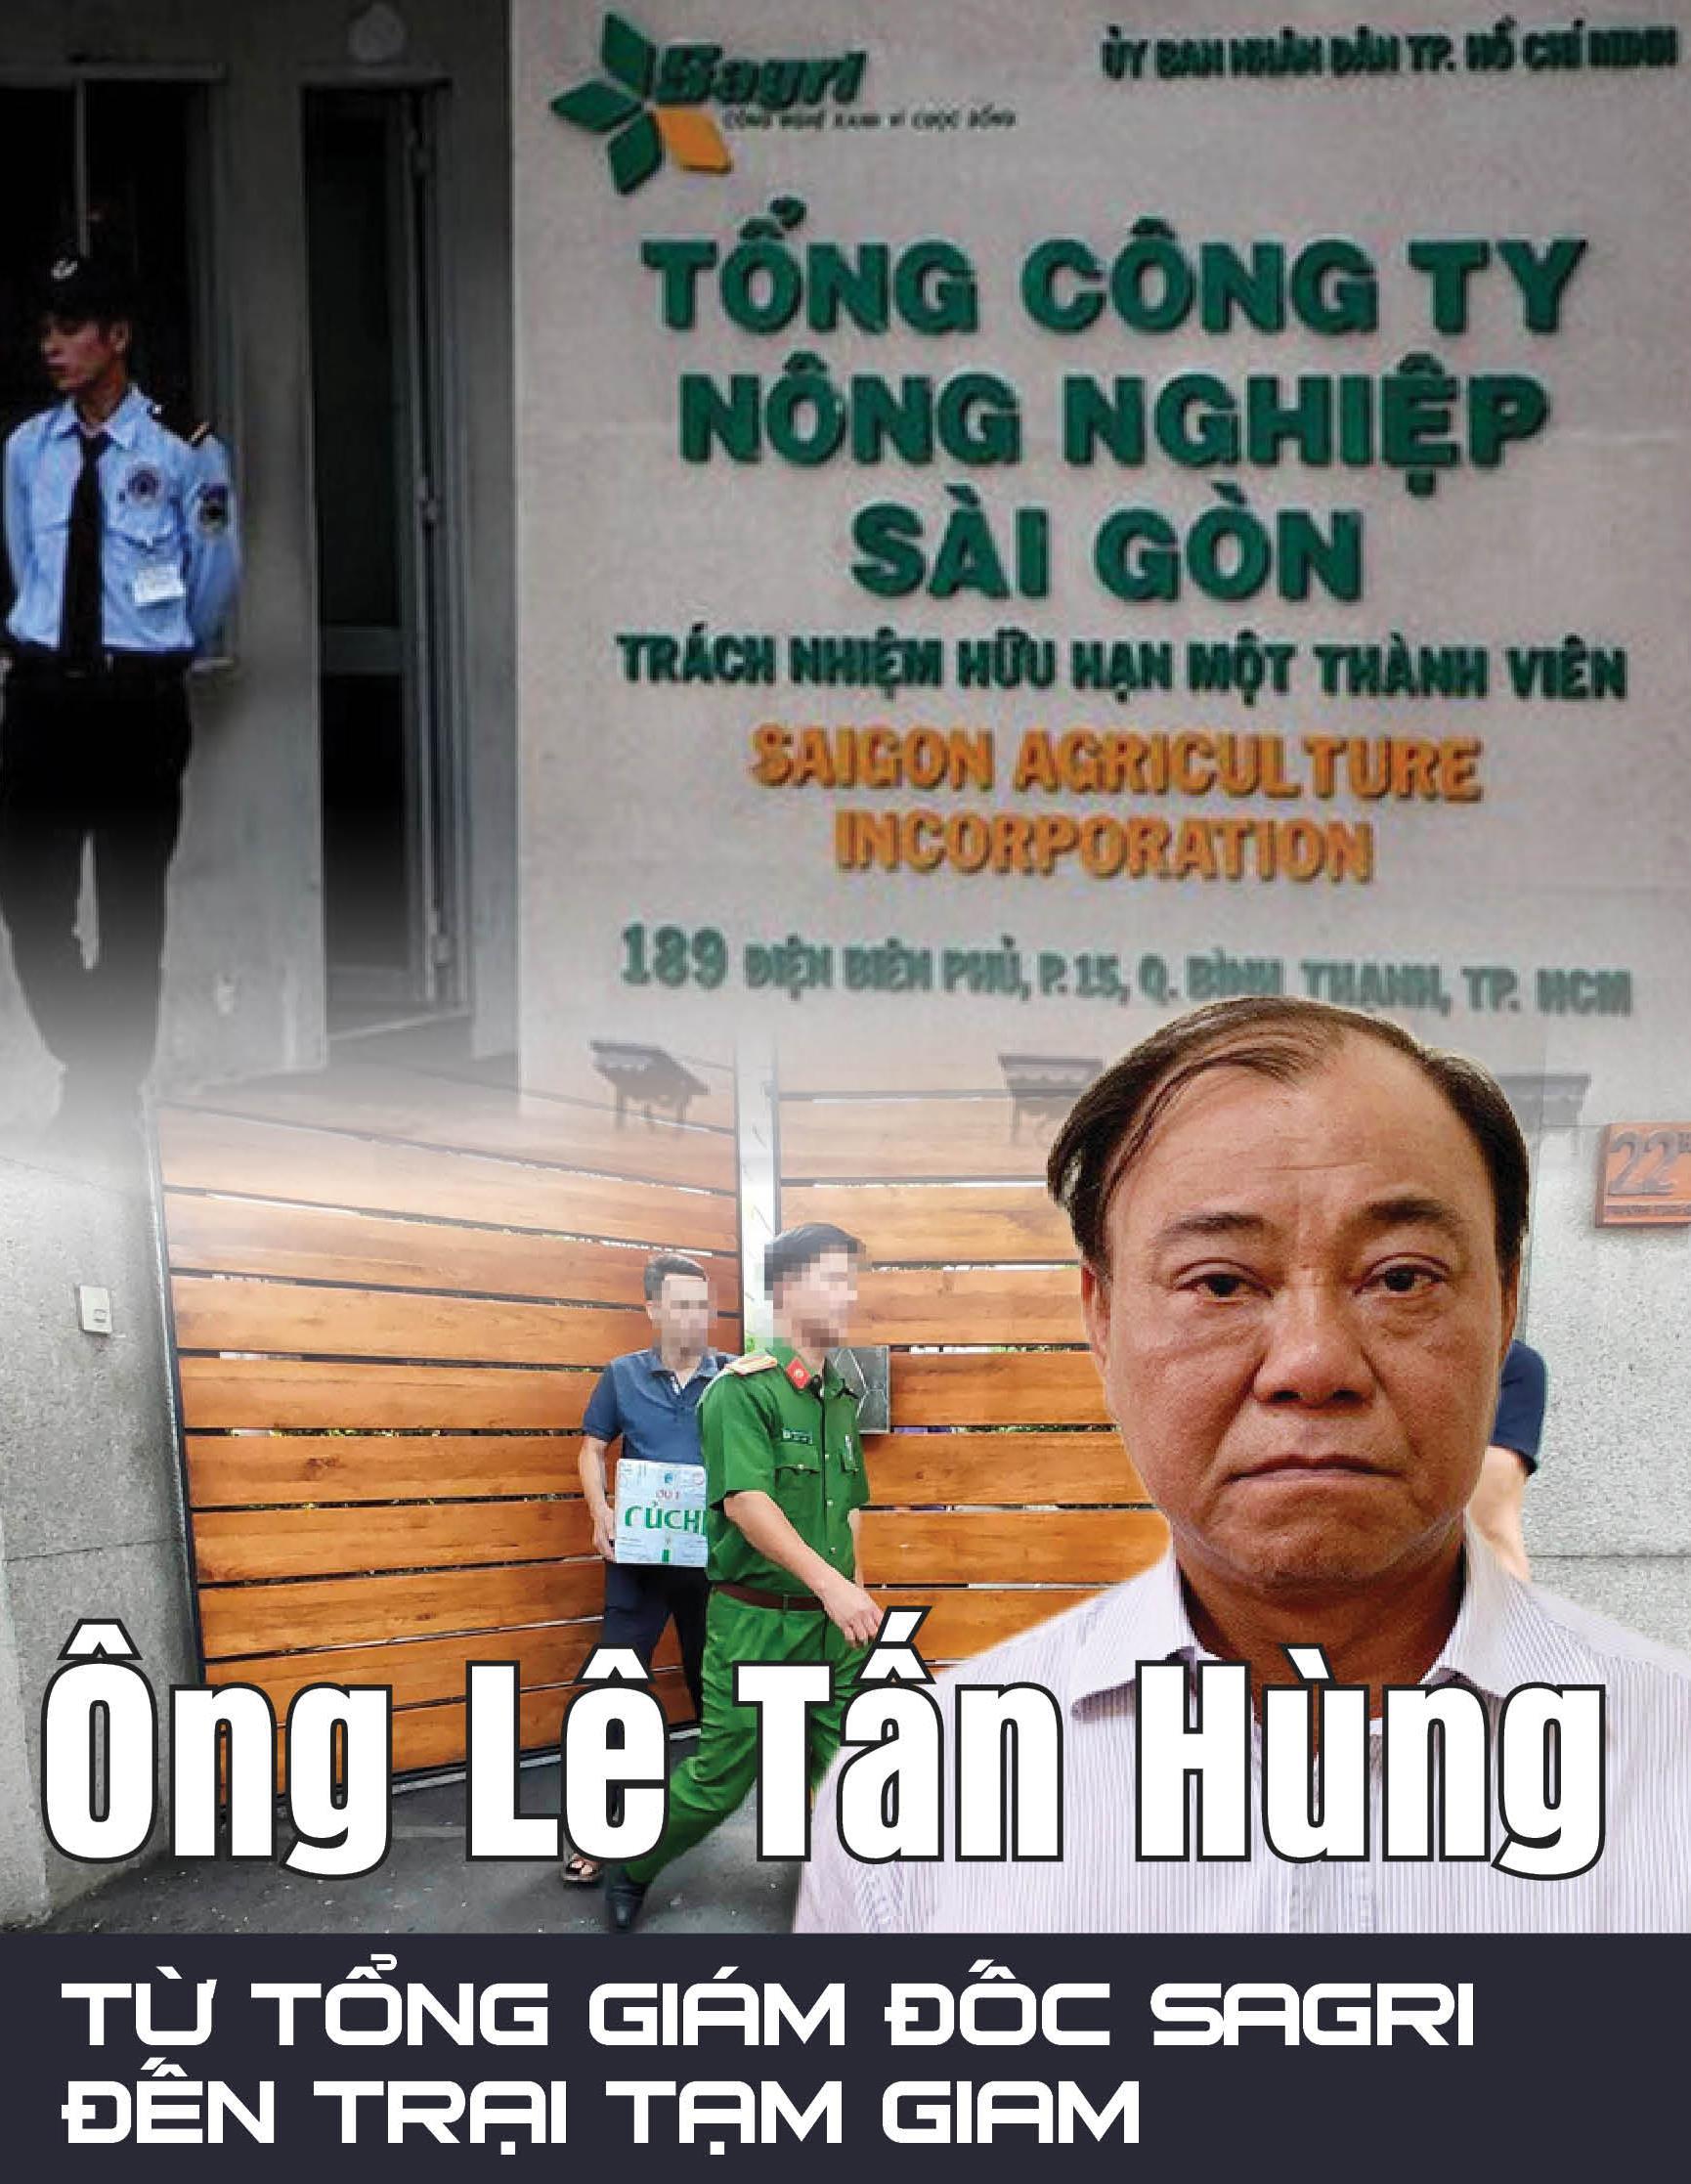 Ông Lê Tấn Hùng - Từ Tổng giám đốc SAGRI đến trại tạm giam